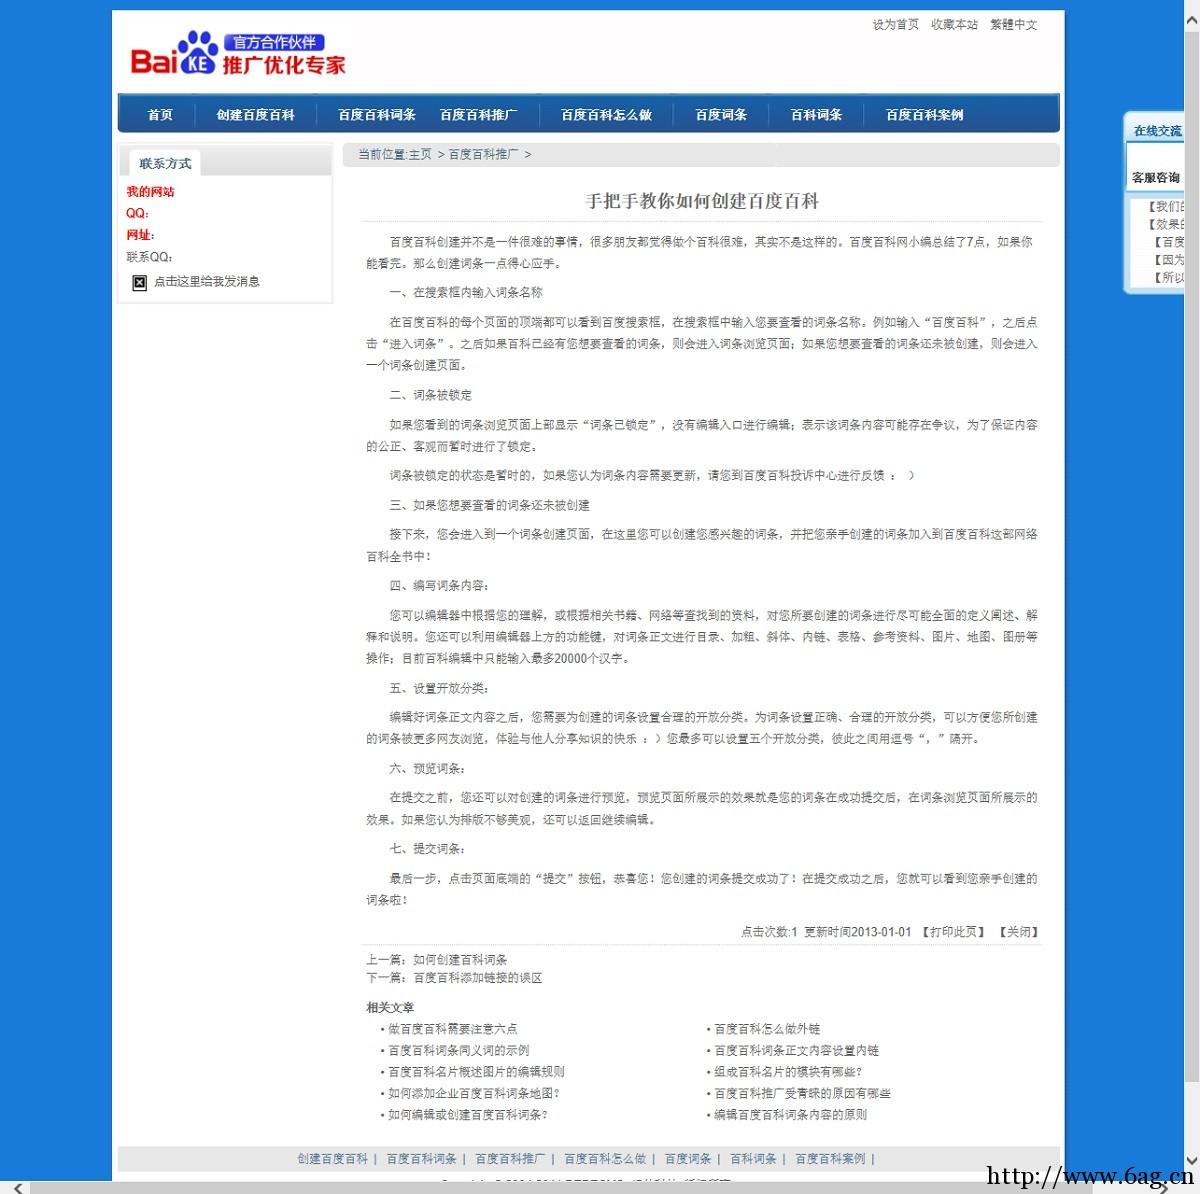 dedecms公司企业模板:网络营销百度产品优化推广网站模板